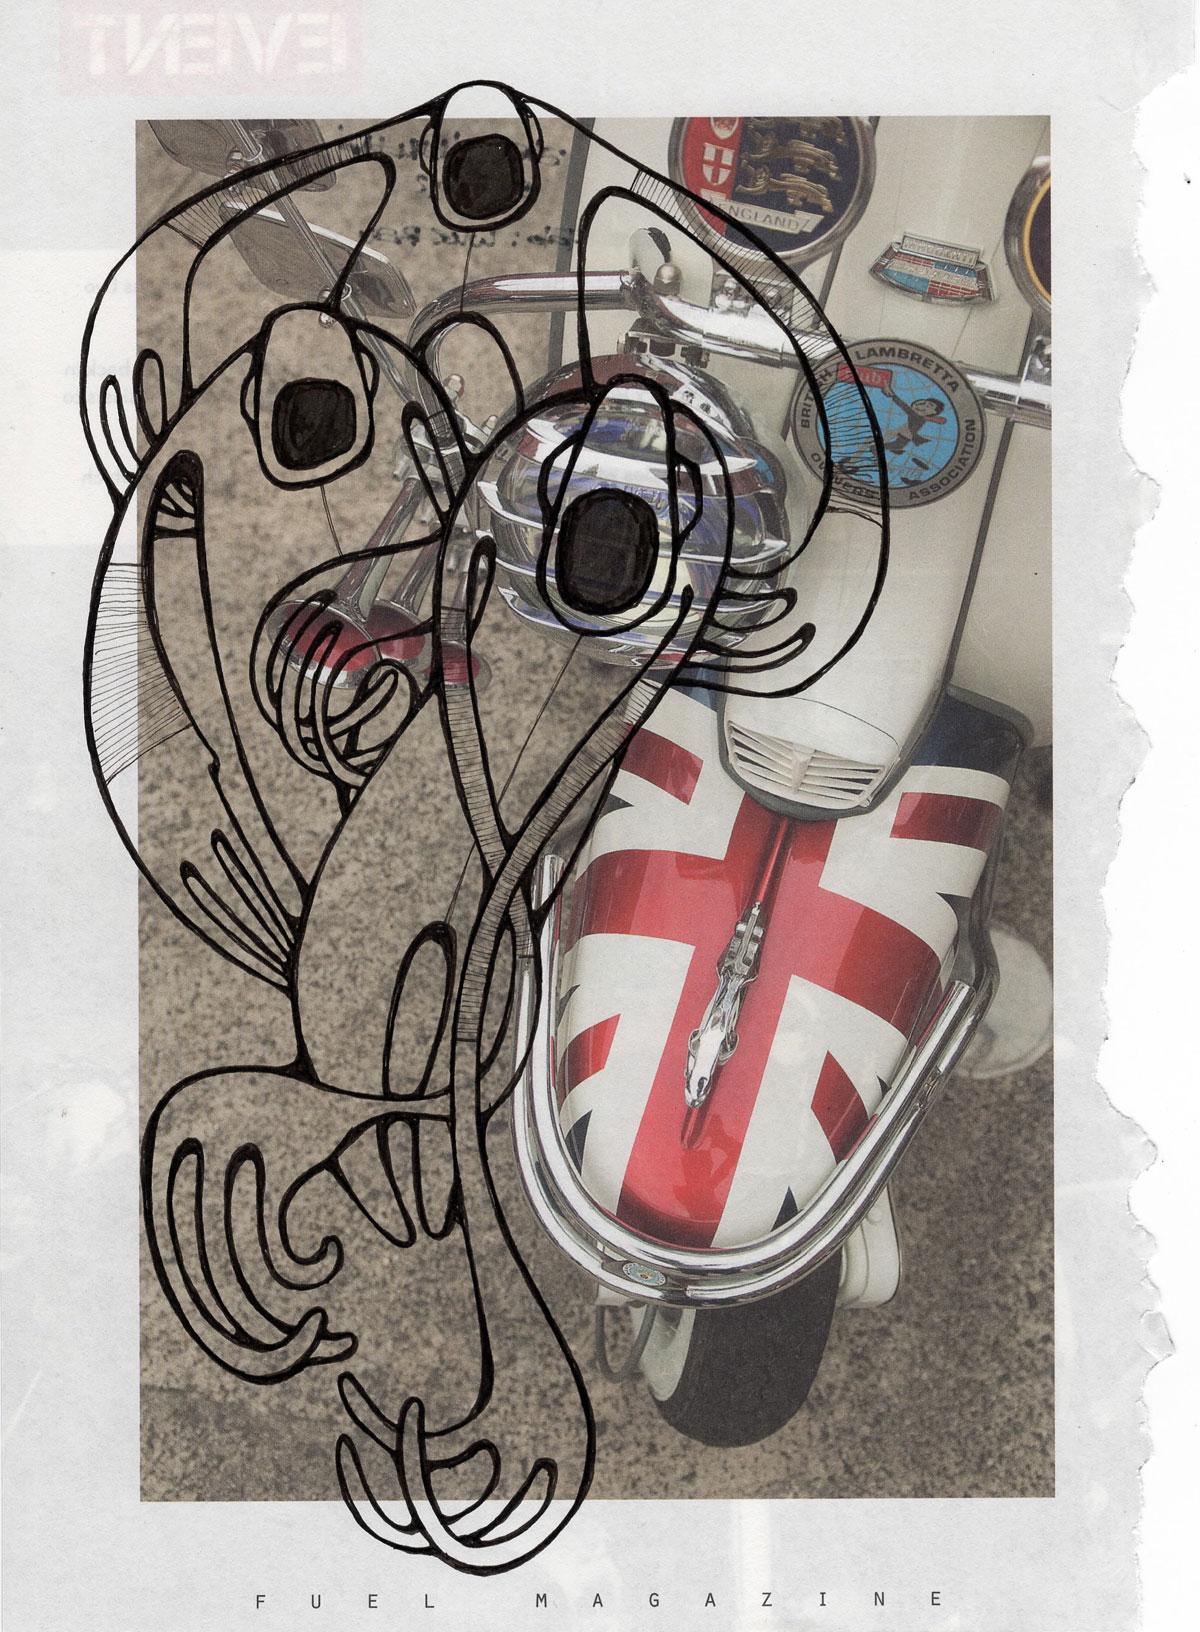 120618-01_AD_MAGDRAW-FUEL-09.jpg